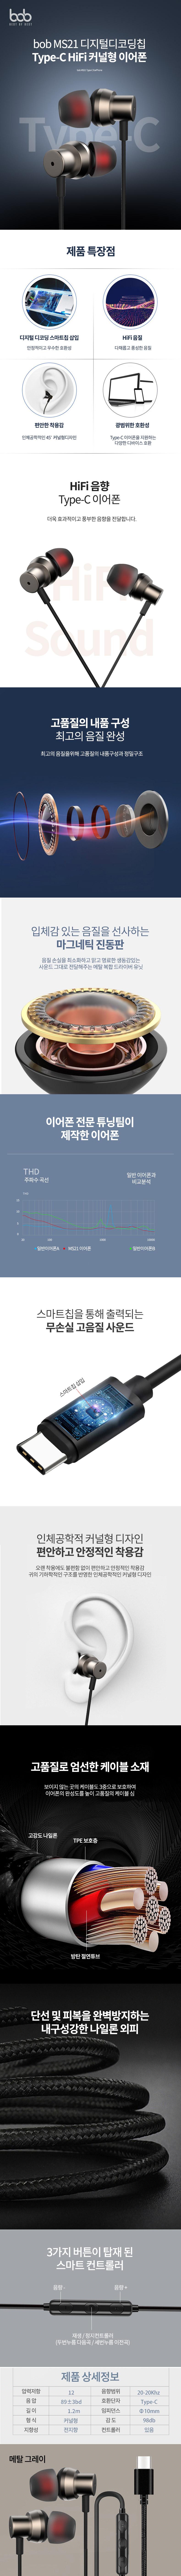 비오비 MS21 디지털디코딩칩 HiFi Type-C 커널형 이어폰 갤럭시폴드 노트10 플러스 A90 5G A9프로 샤오미폰 - 비오비, 12,500원, 이어폰, 유선 이어폰